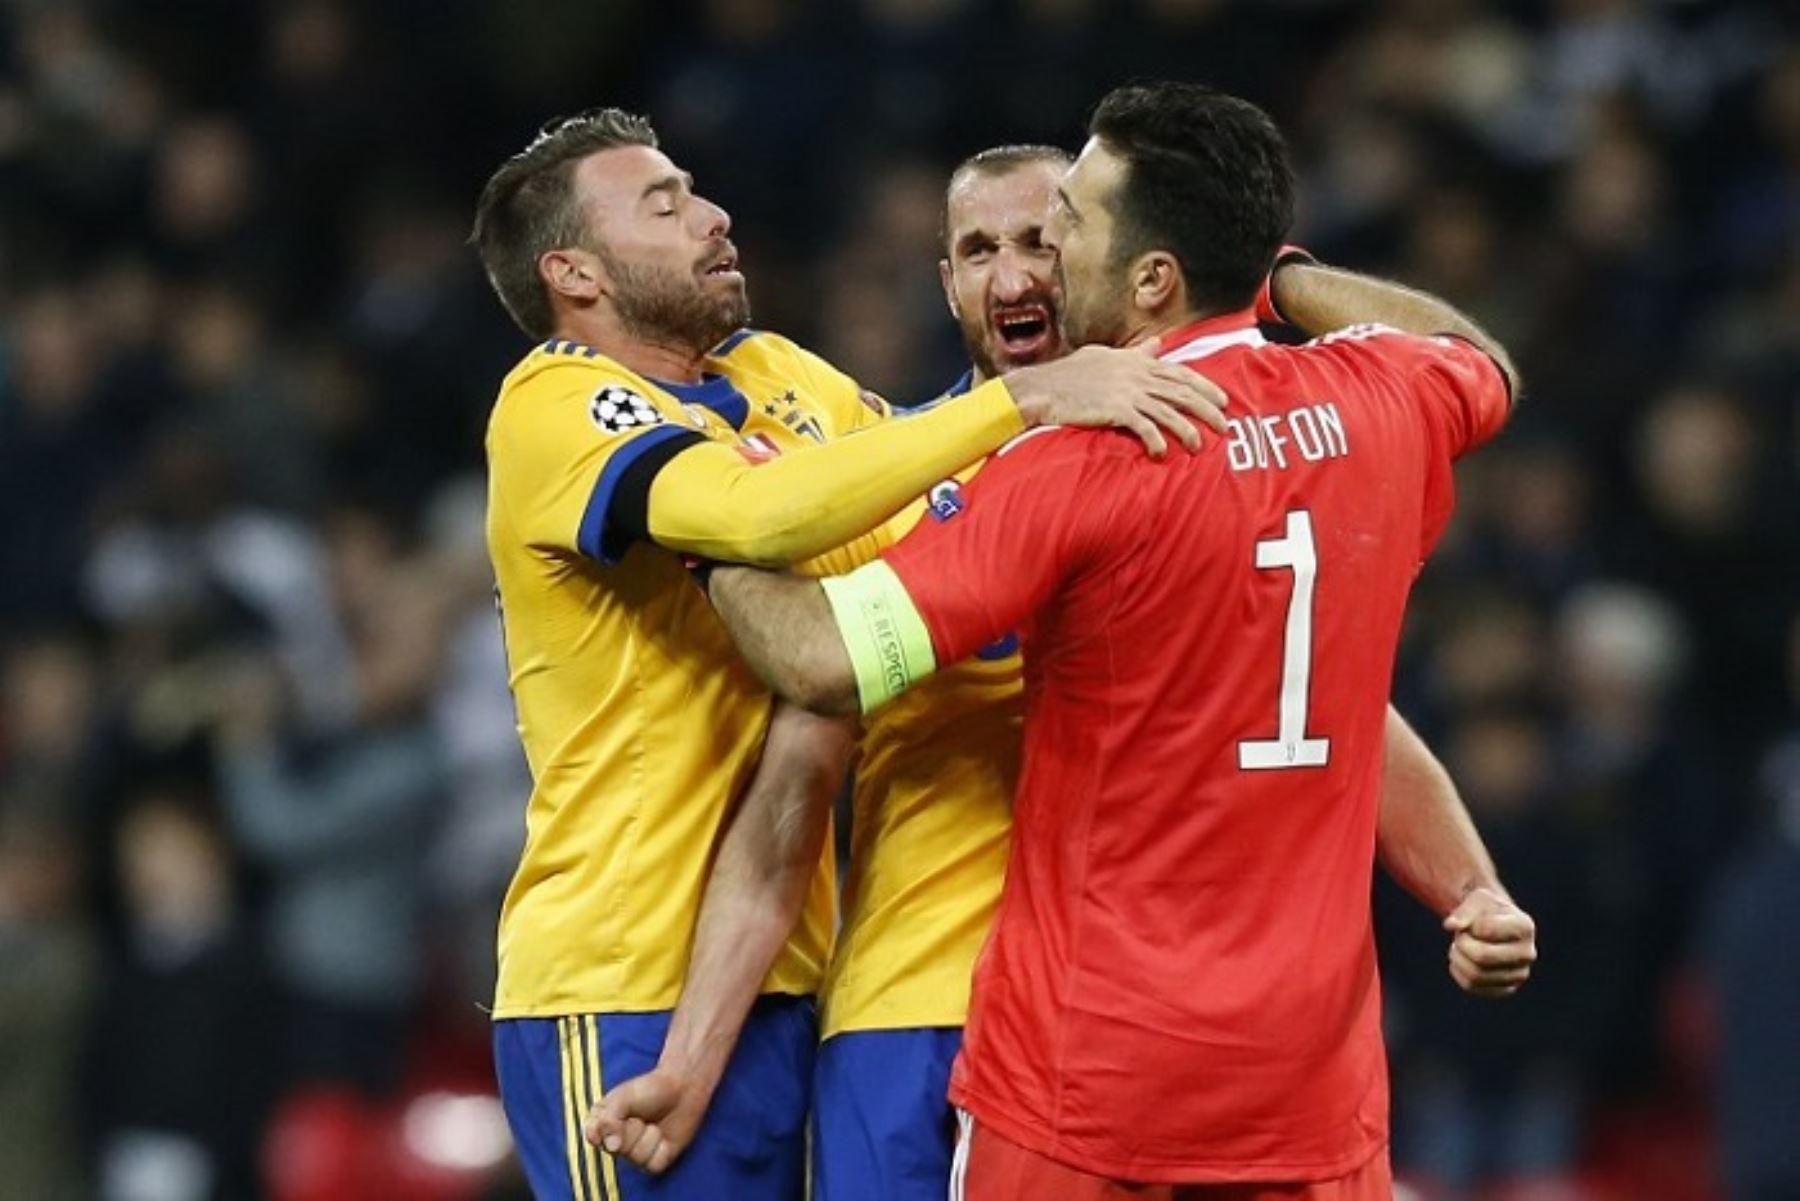 La Juve dejó en el camino al Tottenham  y se encamina a su tercera final consecutiva